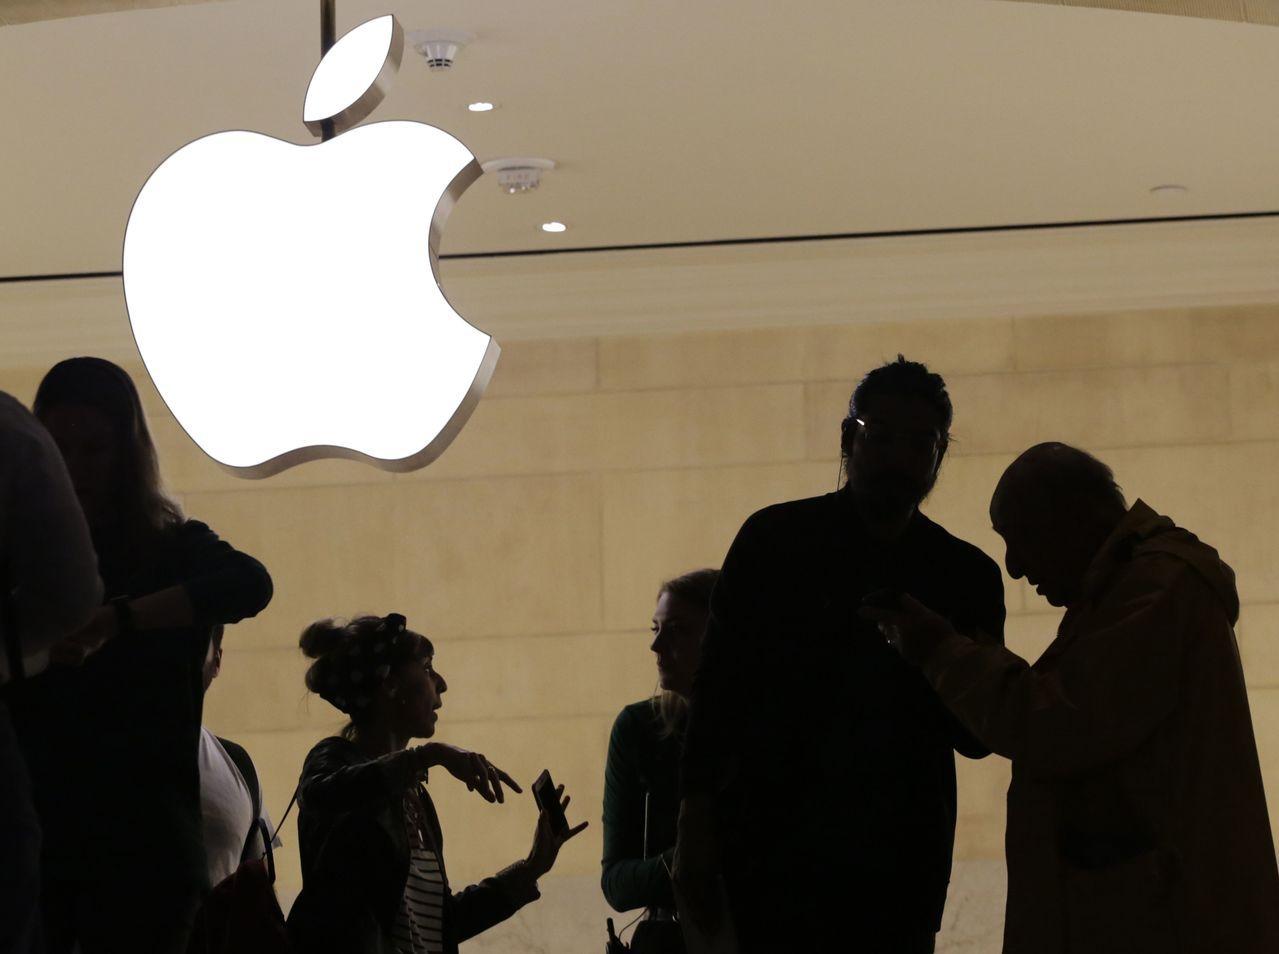 業界擔心,若iPhone售價偏高,可能局限需求,對自身股價也不利。美聯社